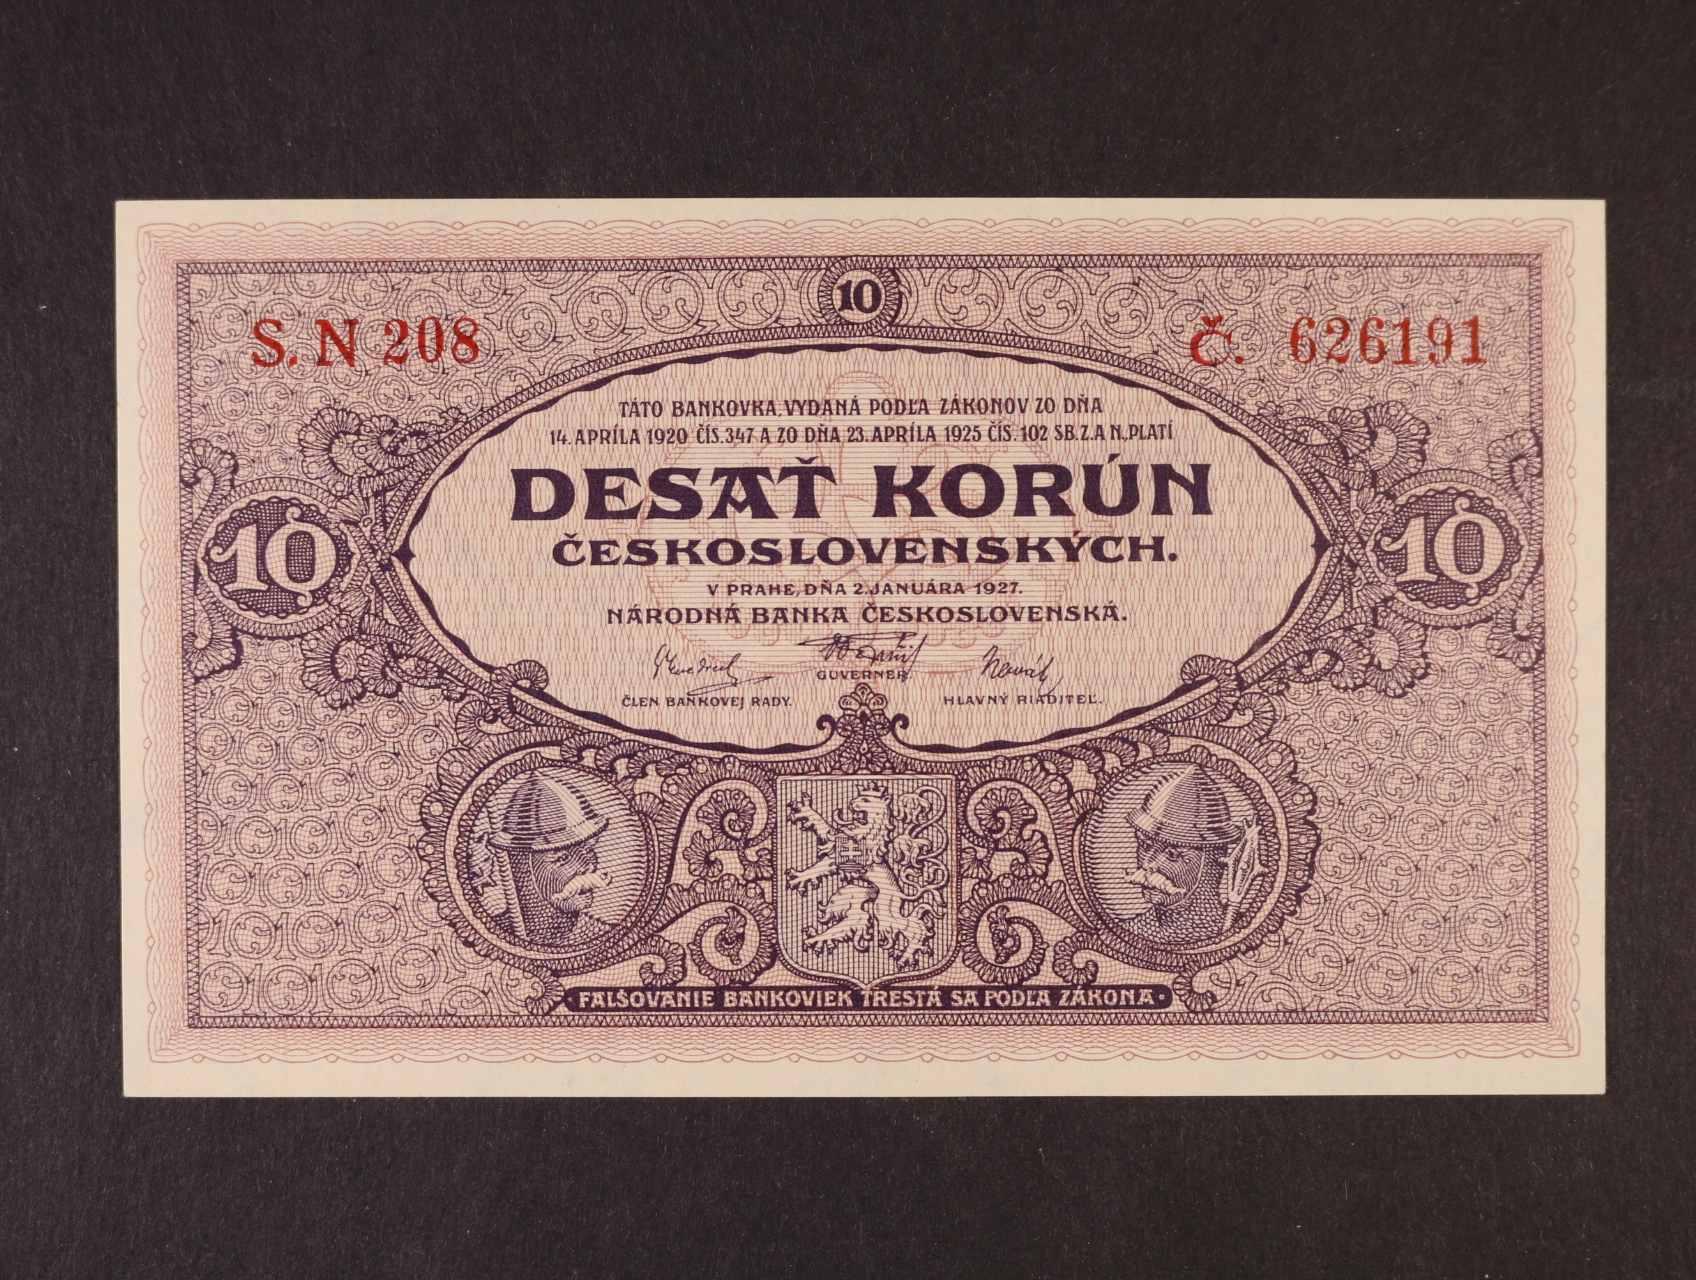 10 Kč 2.1.1927 série N 208, Ba. 22e, Pi. 20a